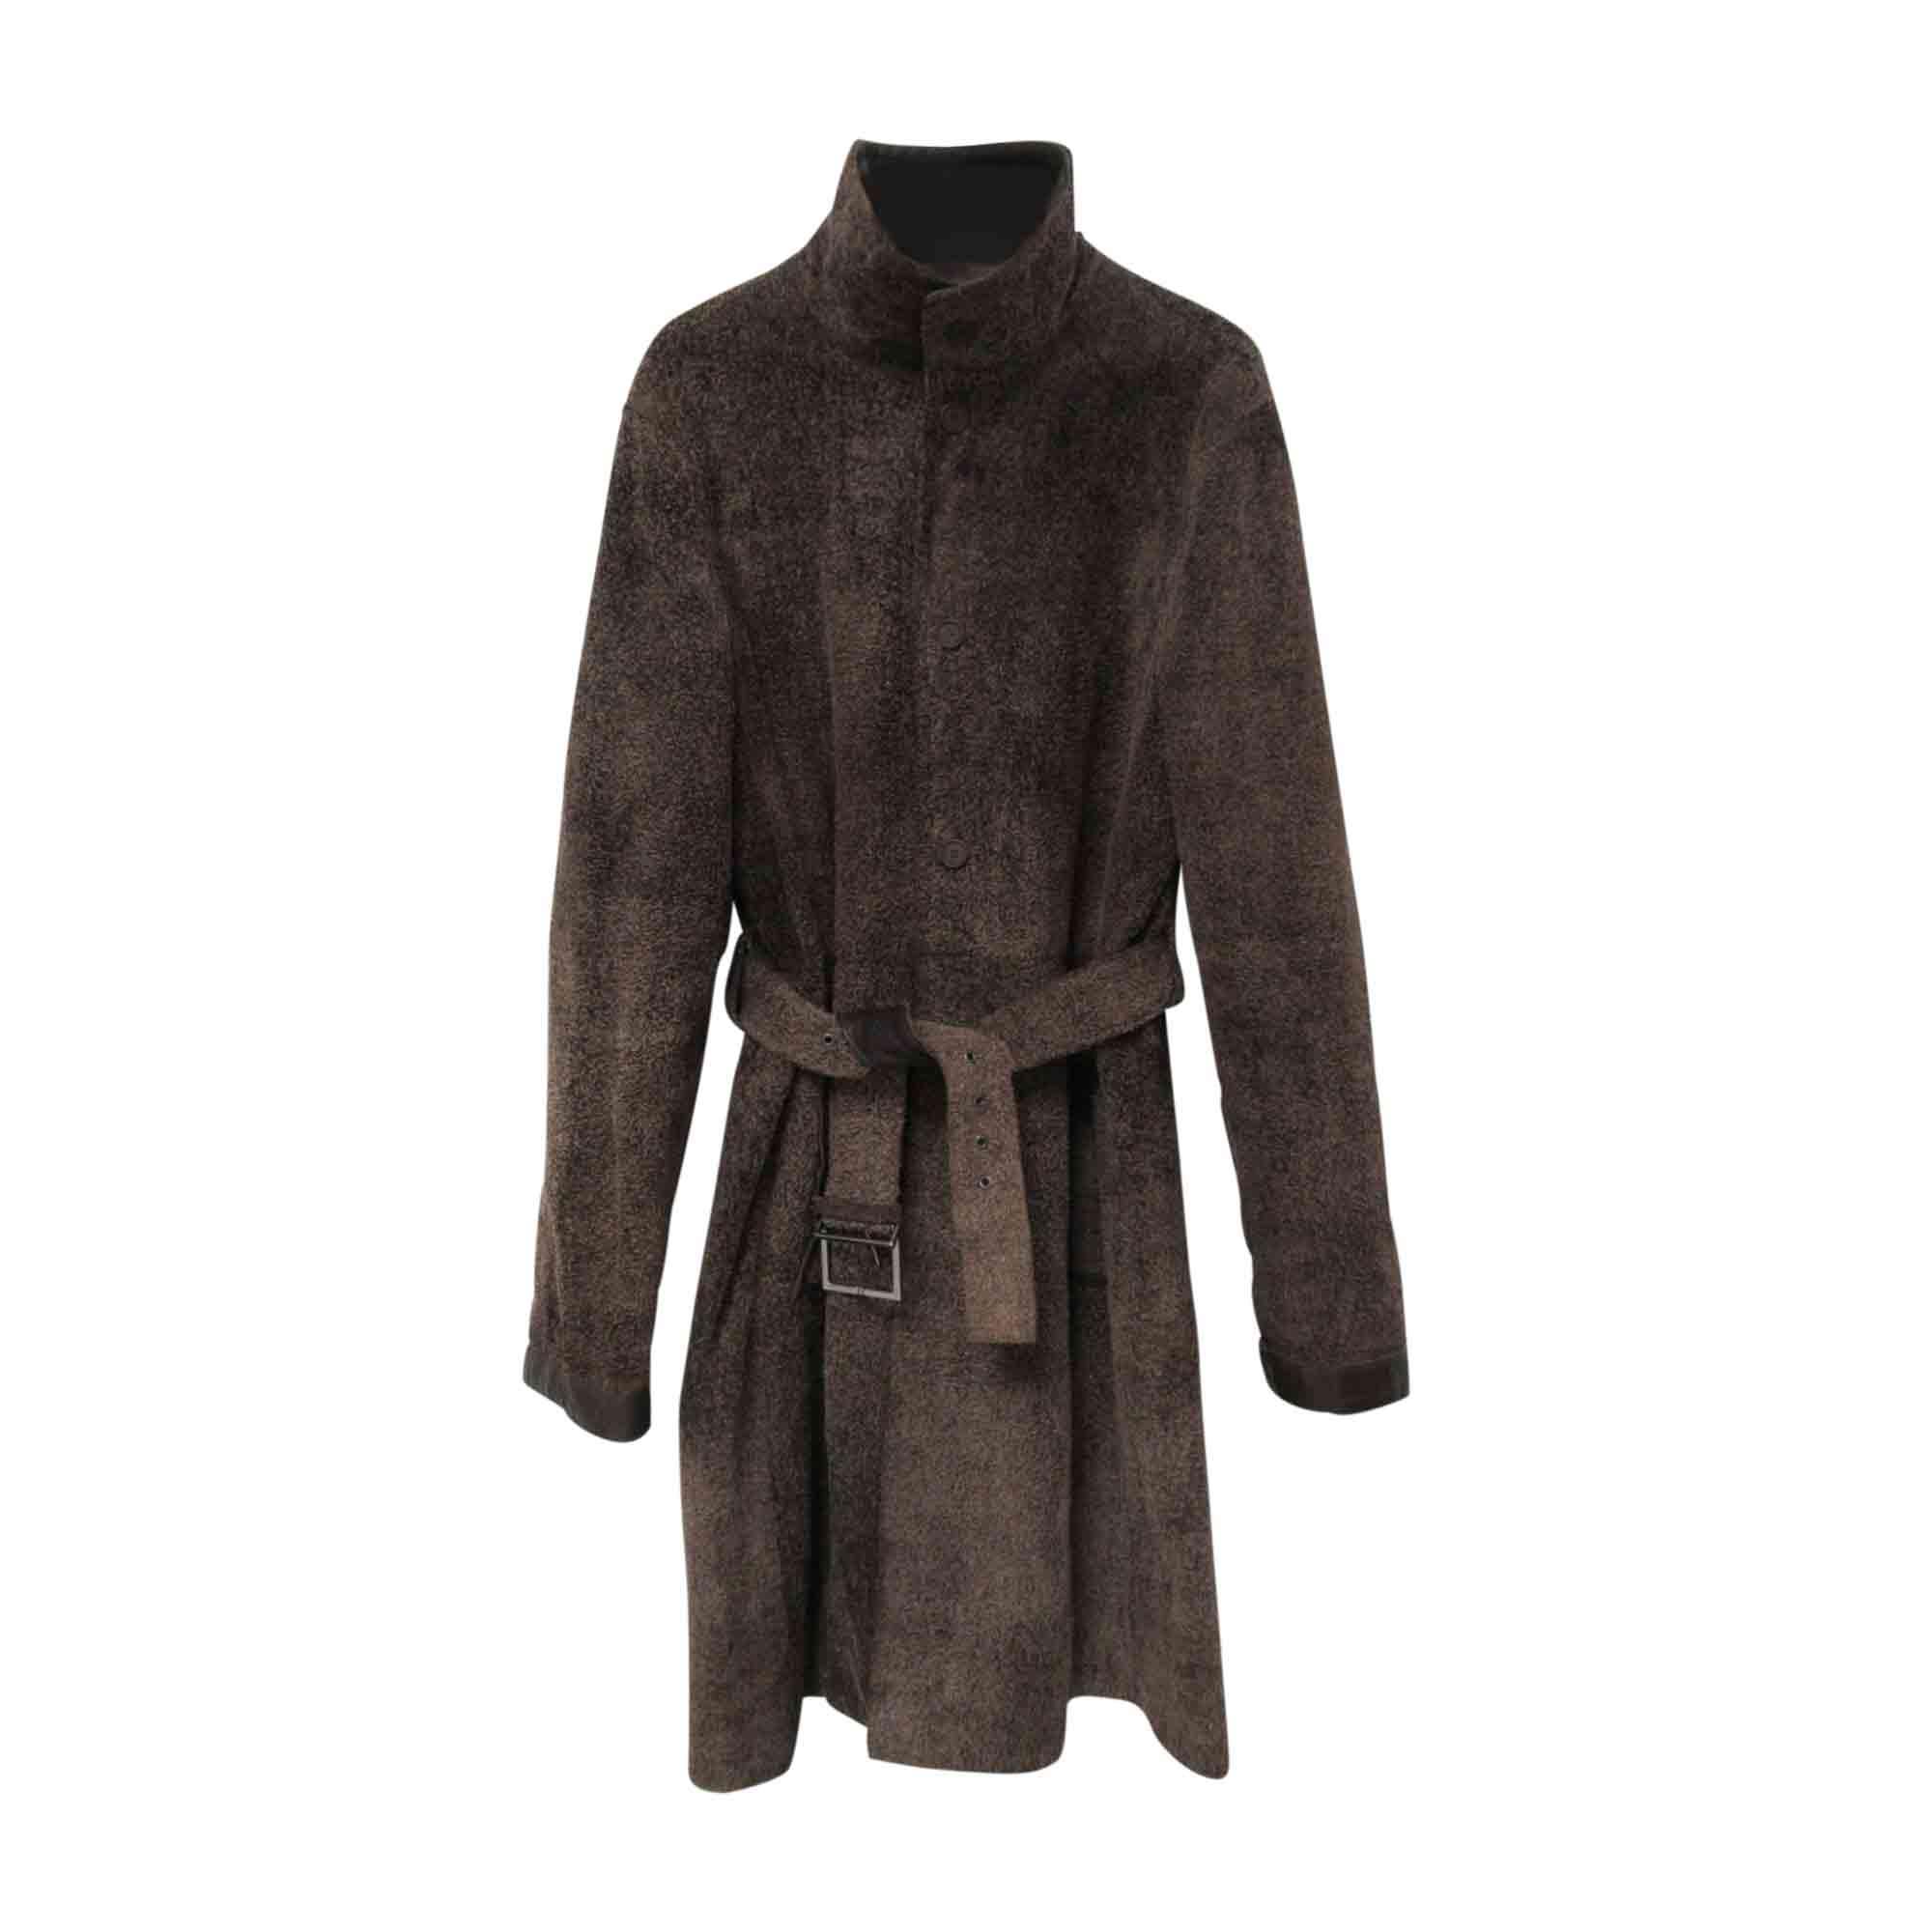 Manteau VERSACE 50 (M) marron vendu par 22vintageapartment - 8256999 1eaeb662fd0